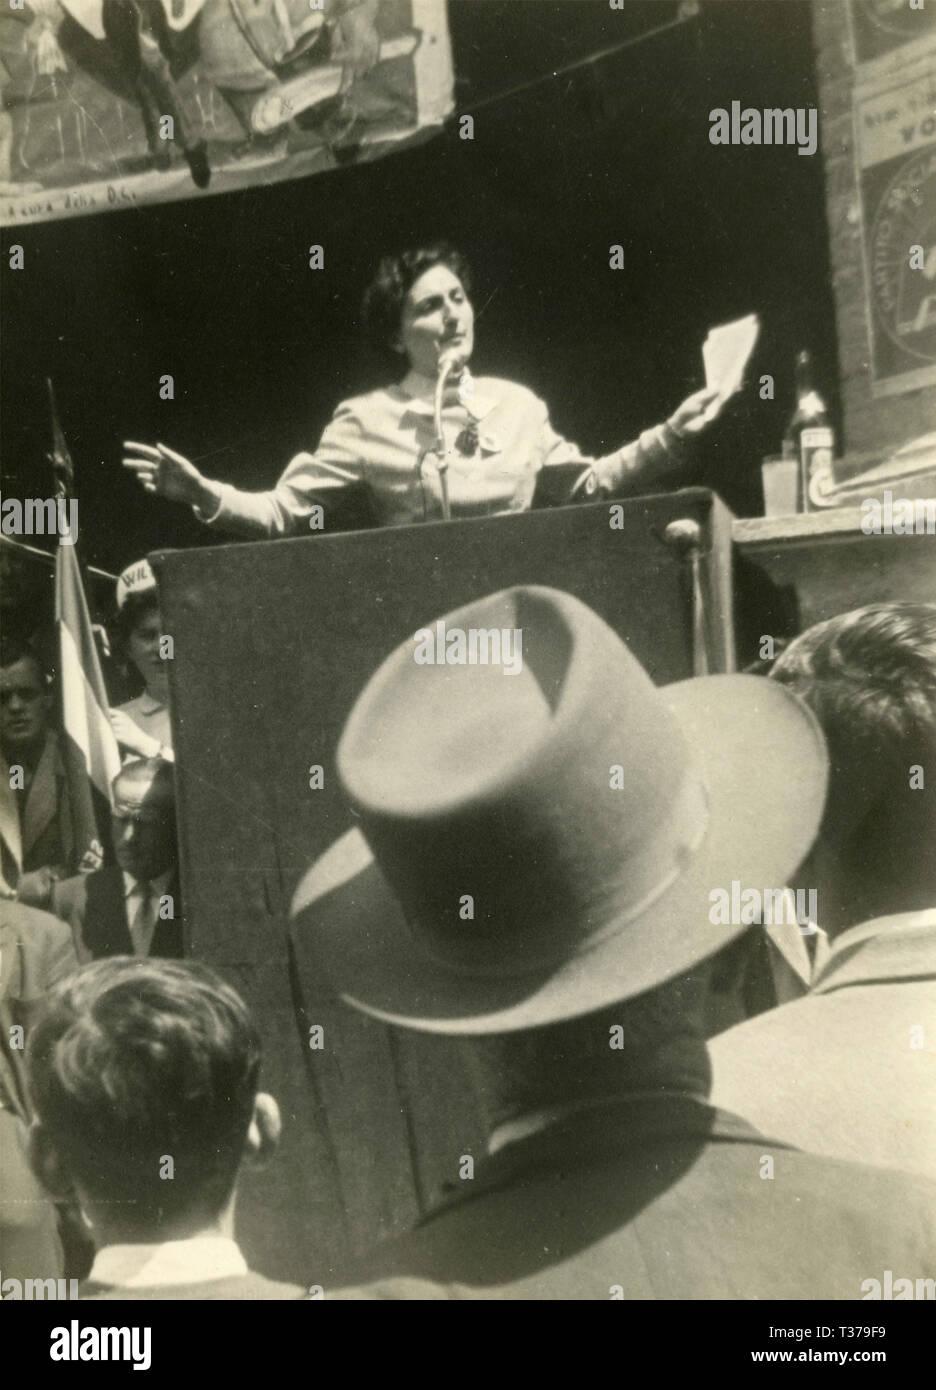 Politica dei rally da PCI Ilia Coppi, Montalcino, Italia, Maggio 1953 Immagini Stock